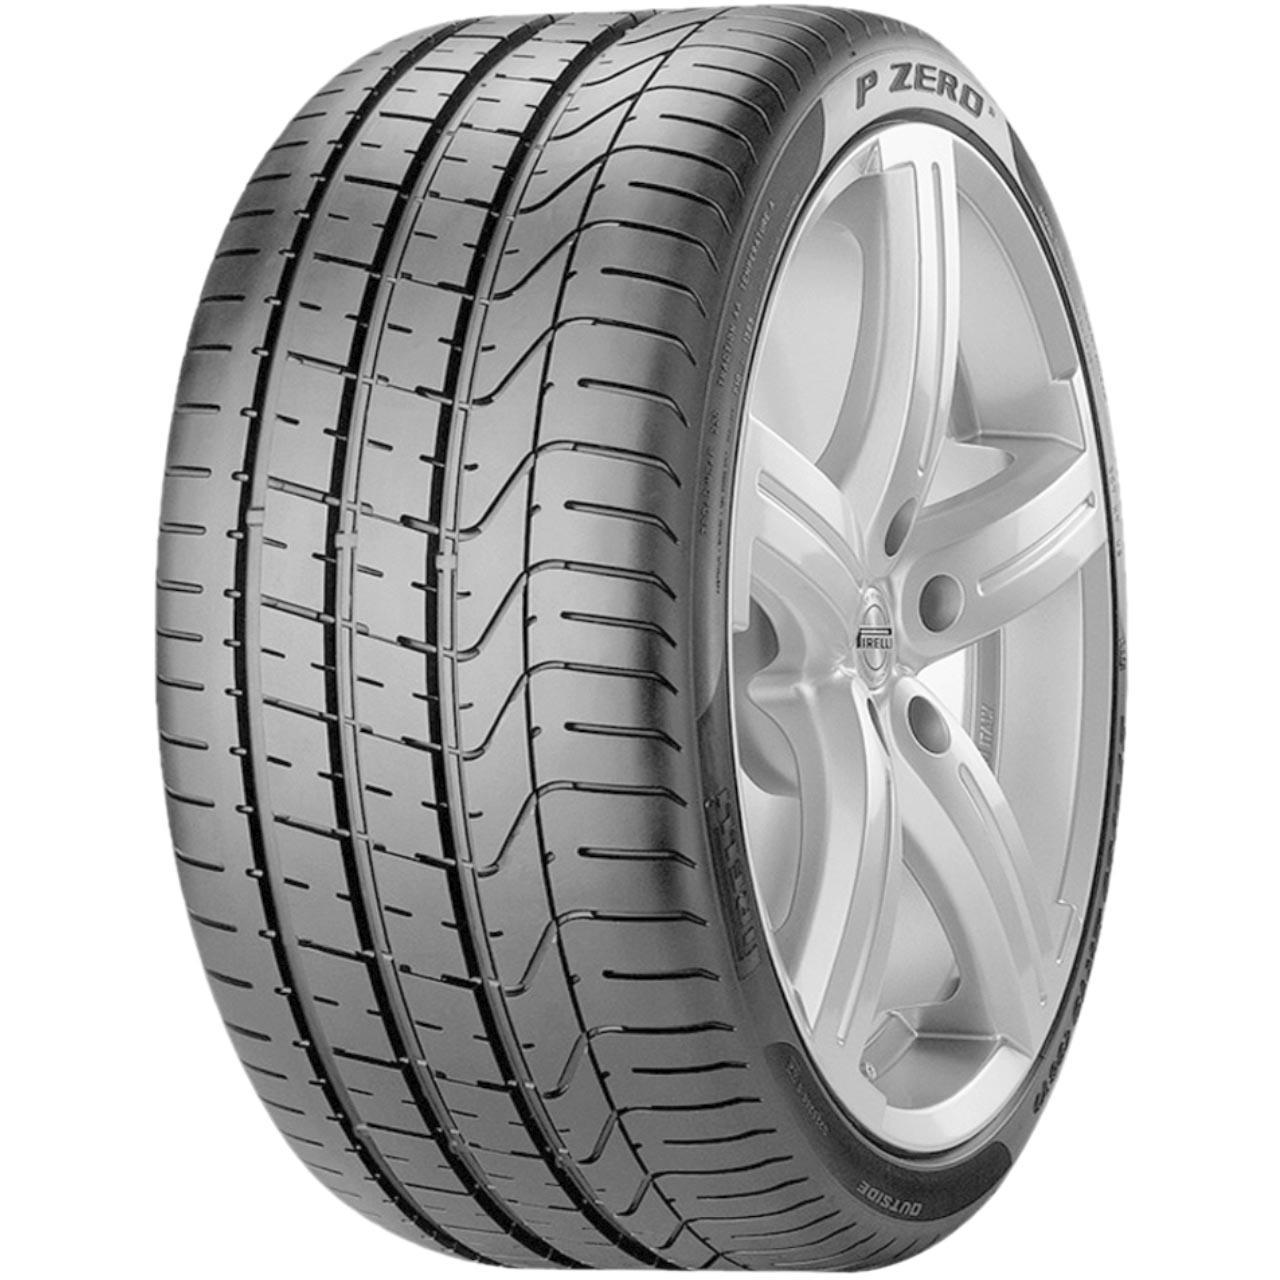 Pirelli Pzero 235/55R18 104Y XL AO